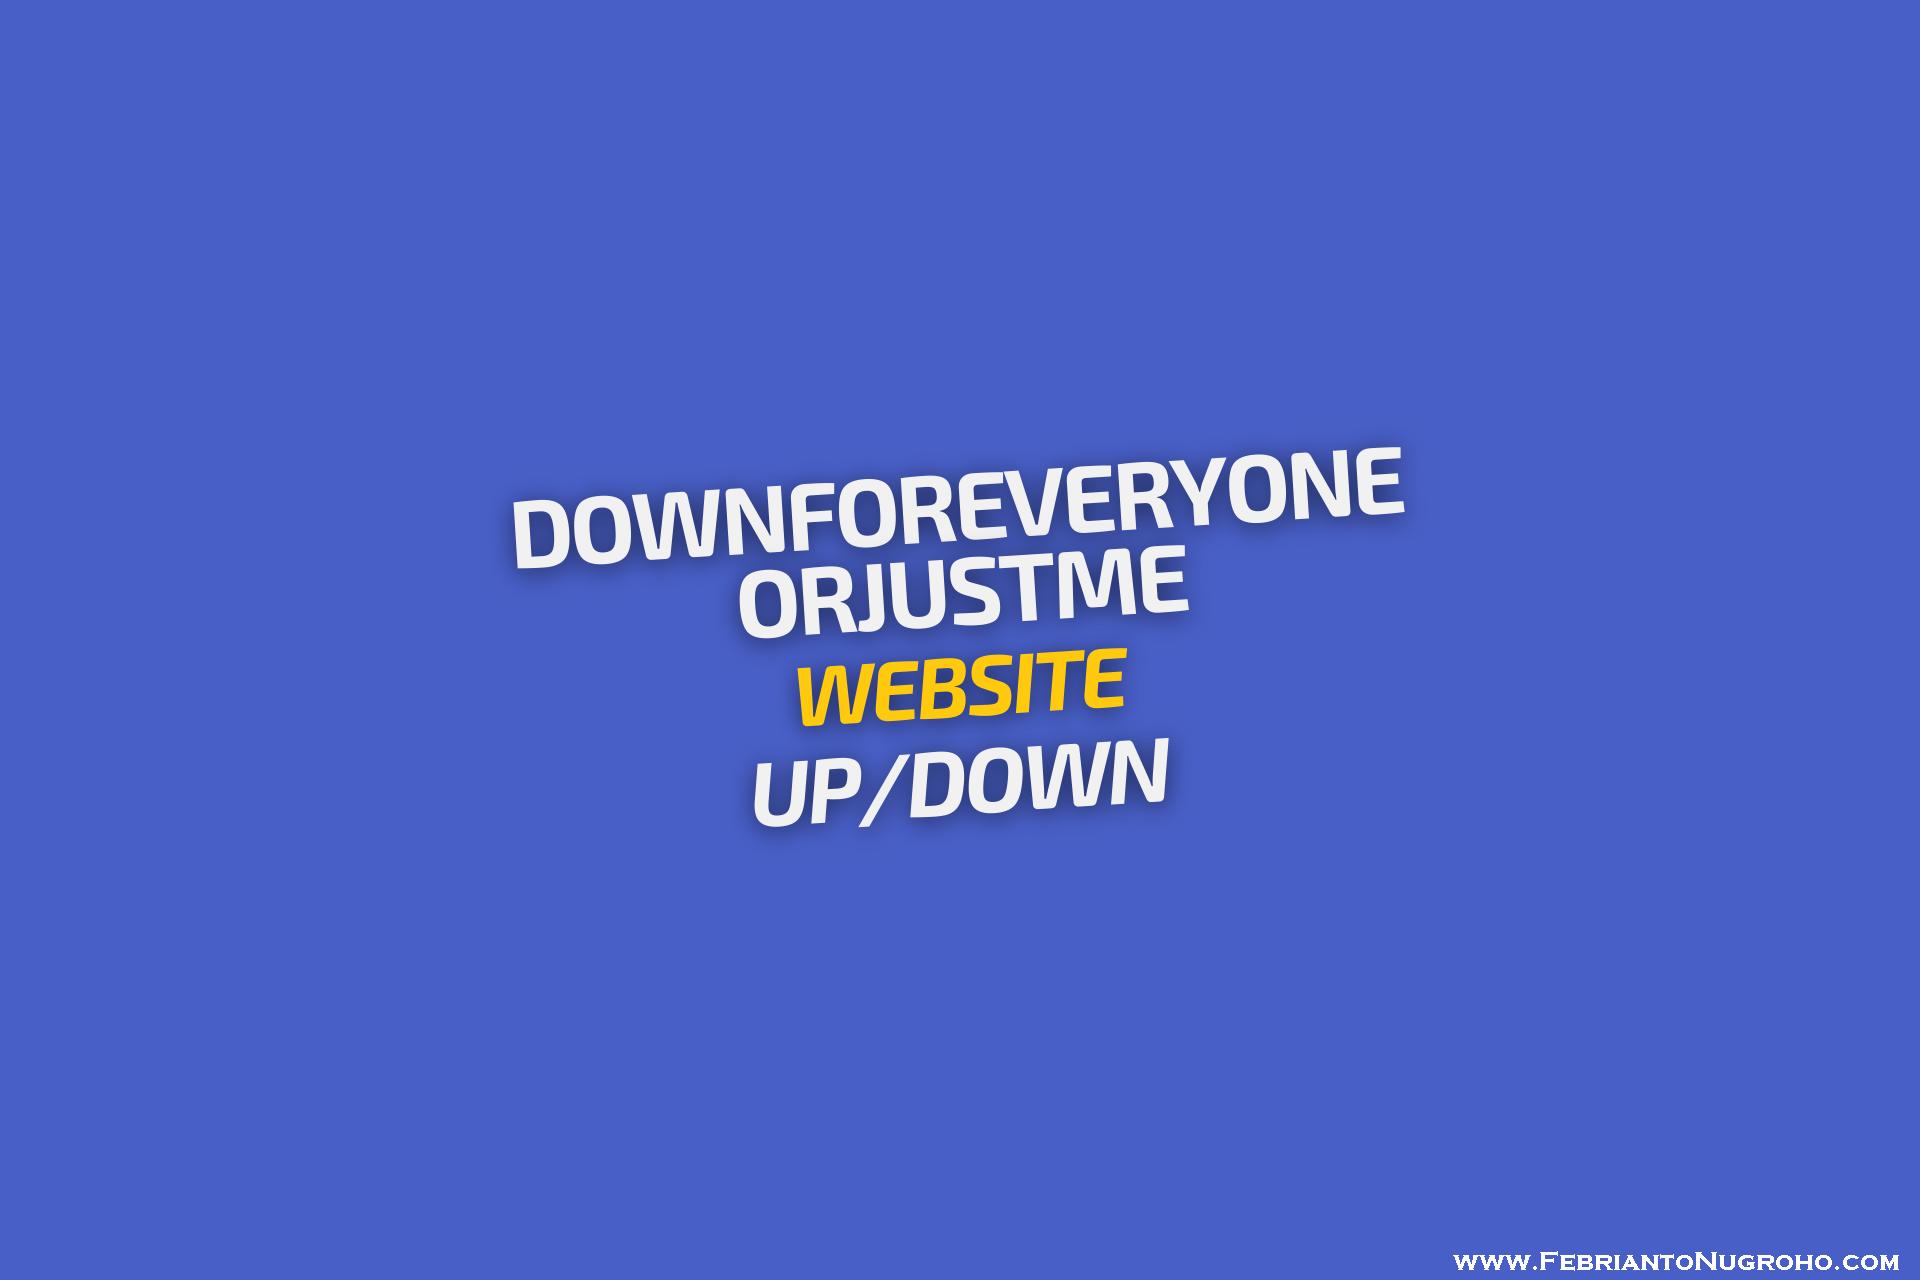 Mengecek Website Up/Down Menggunakan DownForEveryoneOrJustMe